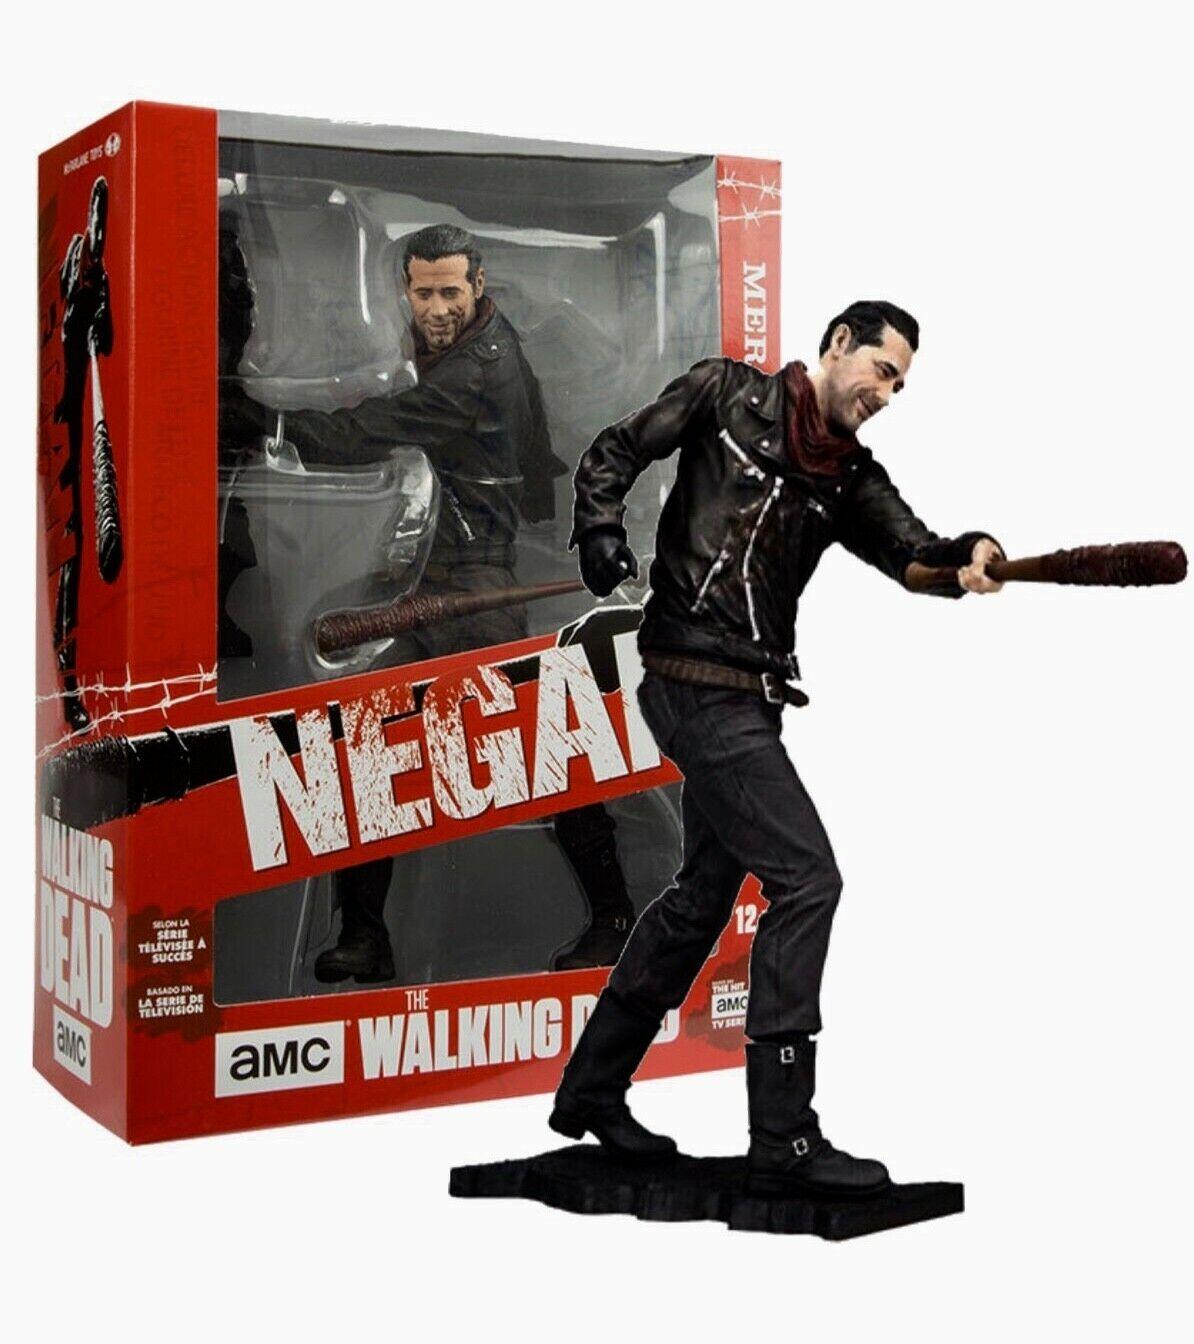 en marchant Dead  Negan Merciless Edition Deluxe Action Figure McFarlane Toys  jusqu'à 42% de réduction